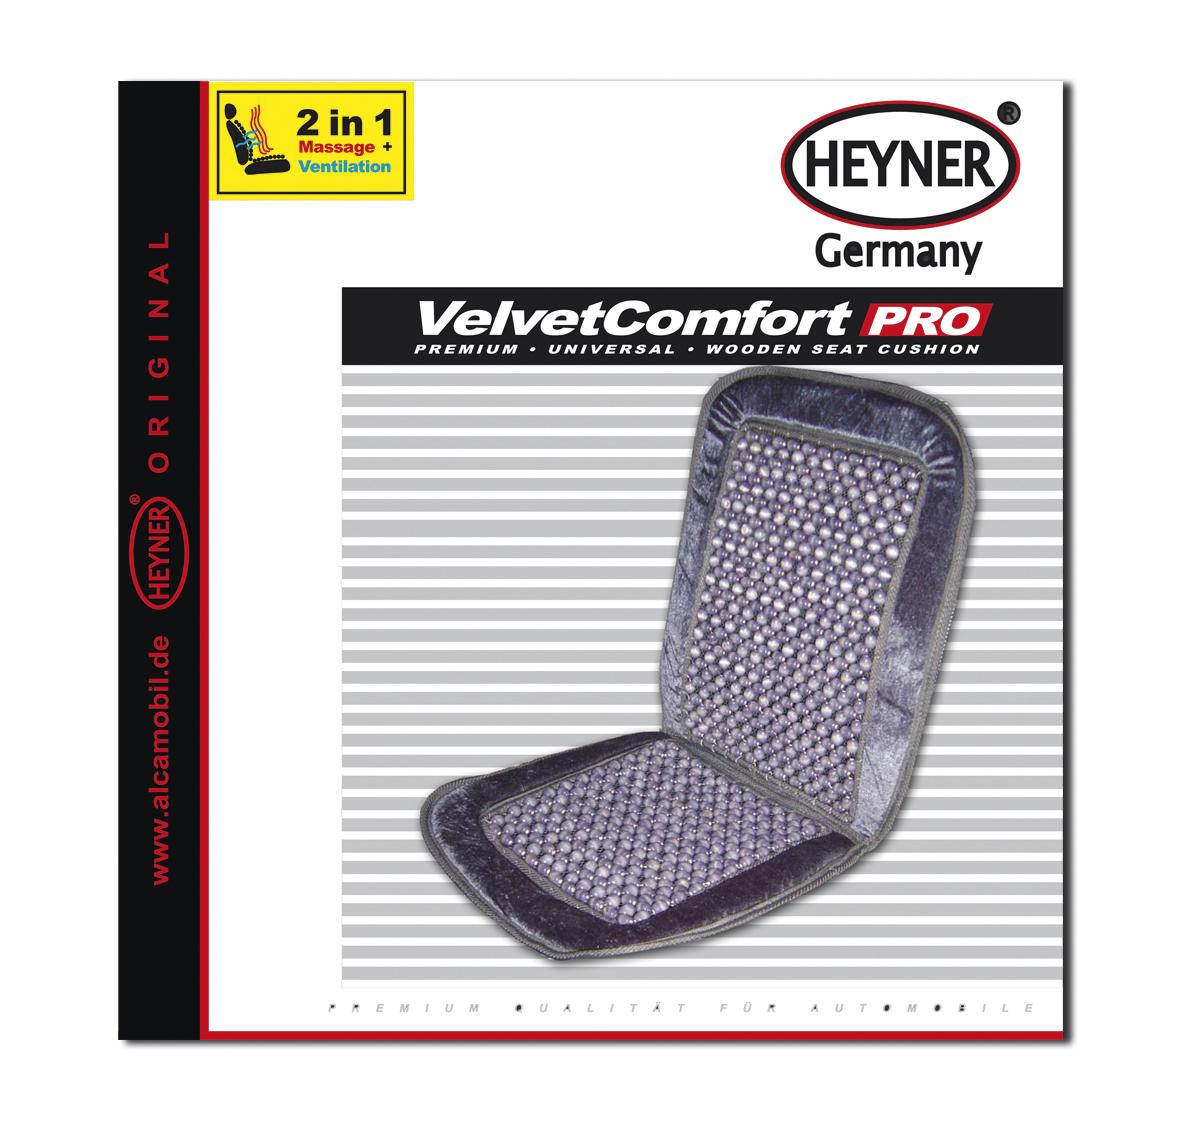 Накидка-массажер на сиденье Heyner, деревянные шарики, цвет: серый98298130Накидка Heyner обеспечивает массаж и охлаждение для водителя и пассажиров посредством деревянных шариков. Быстро и просто устанавливается на сиденье. Накидка выполнена из велюра.